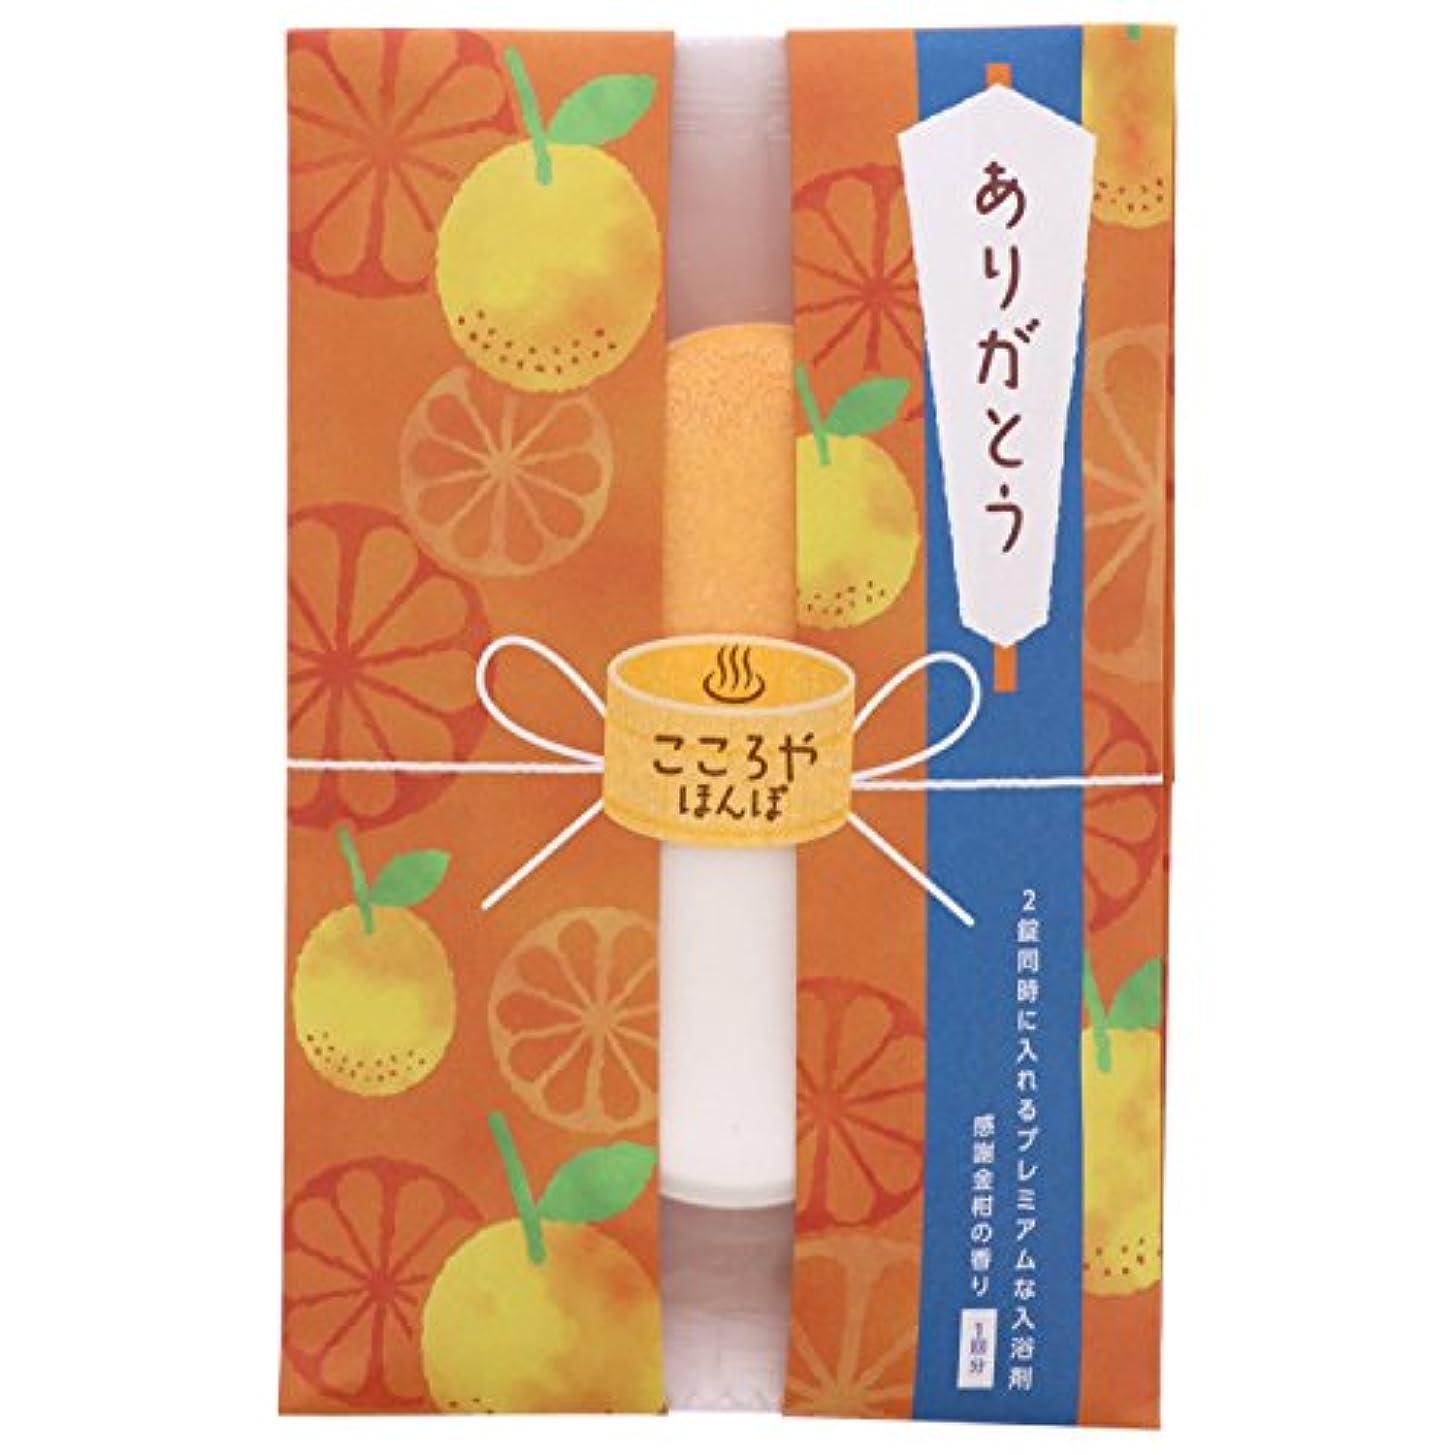 教育学王朝直面するこころやほんぽ カジュアルギフト 入浴剤 ありがとう 金柑の香り 50g